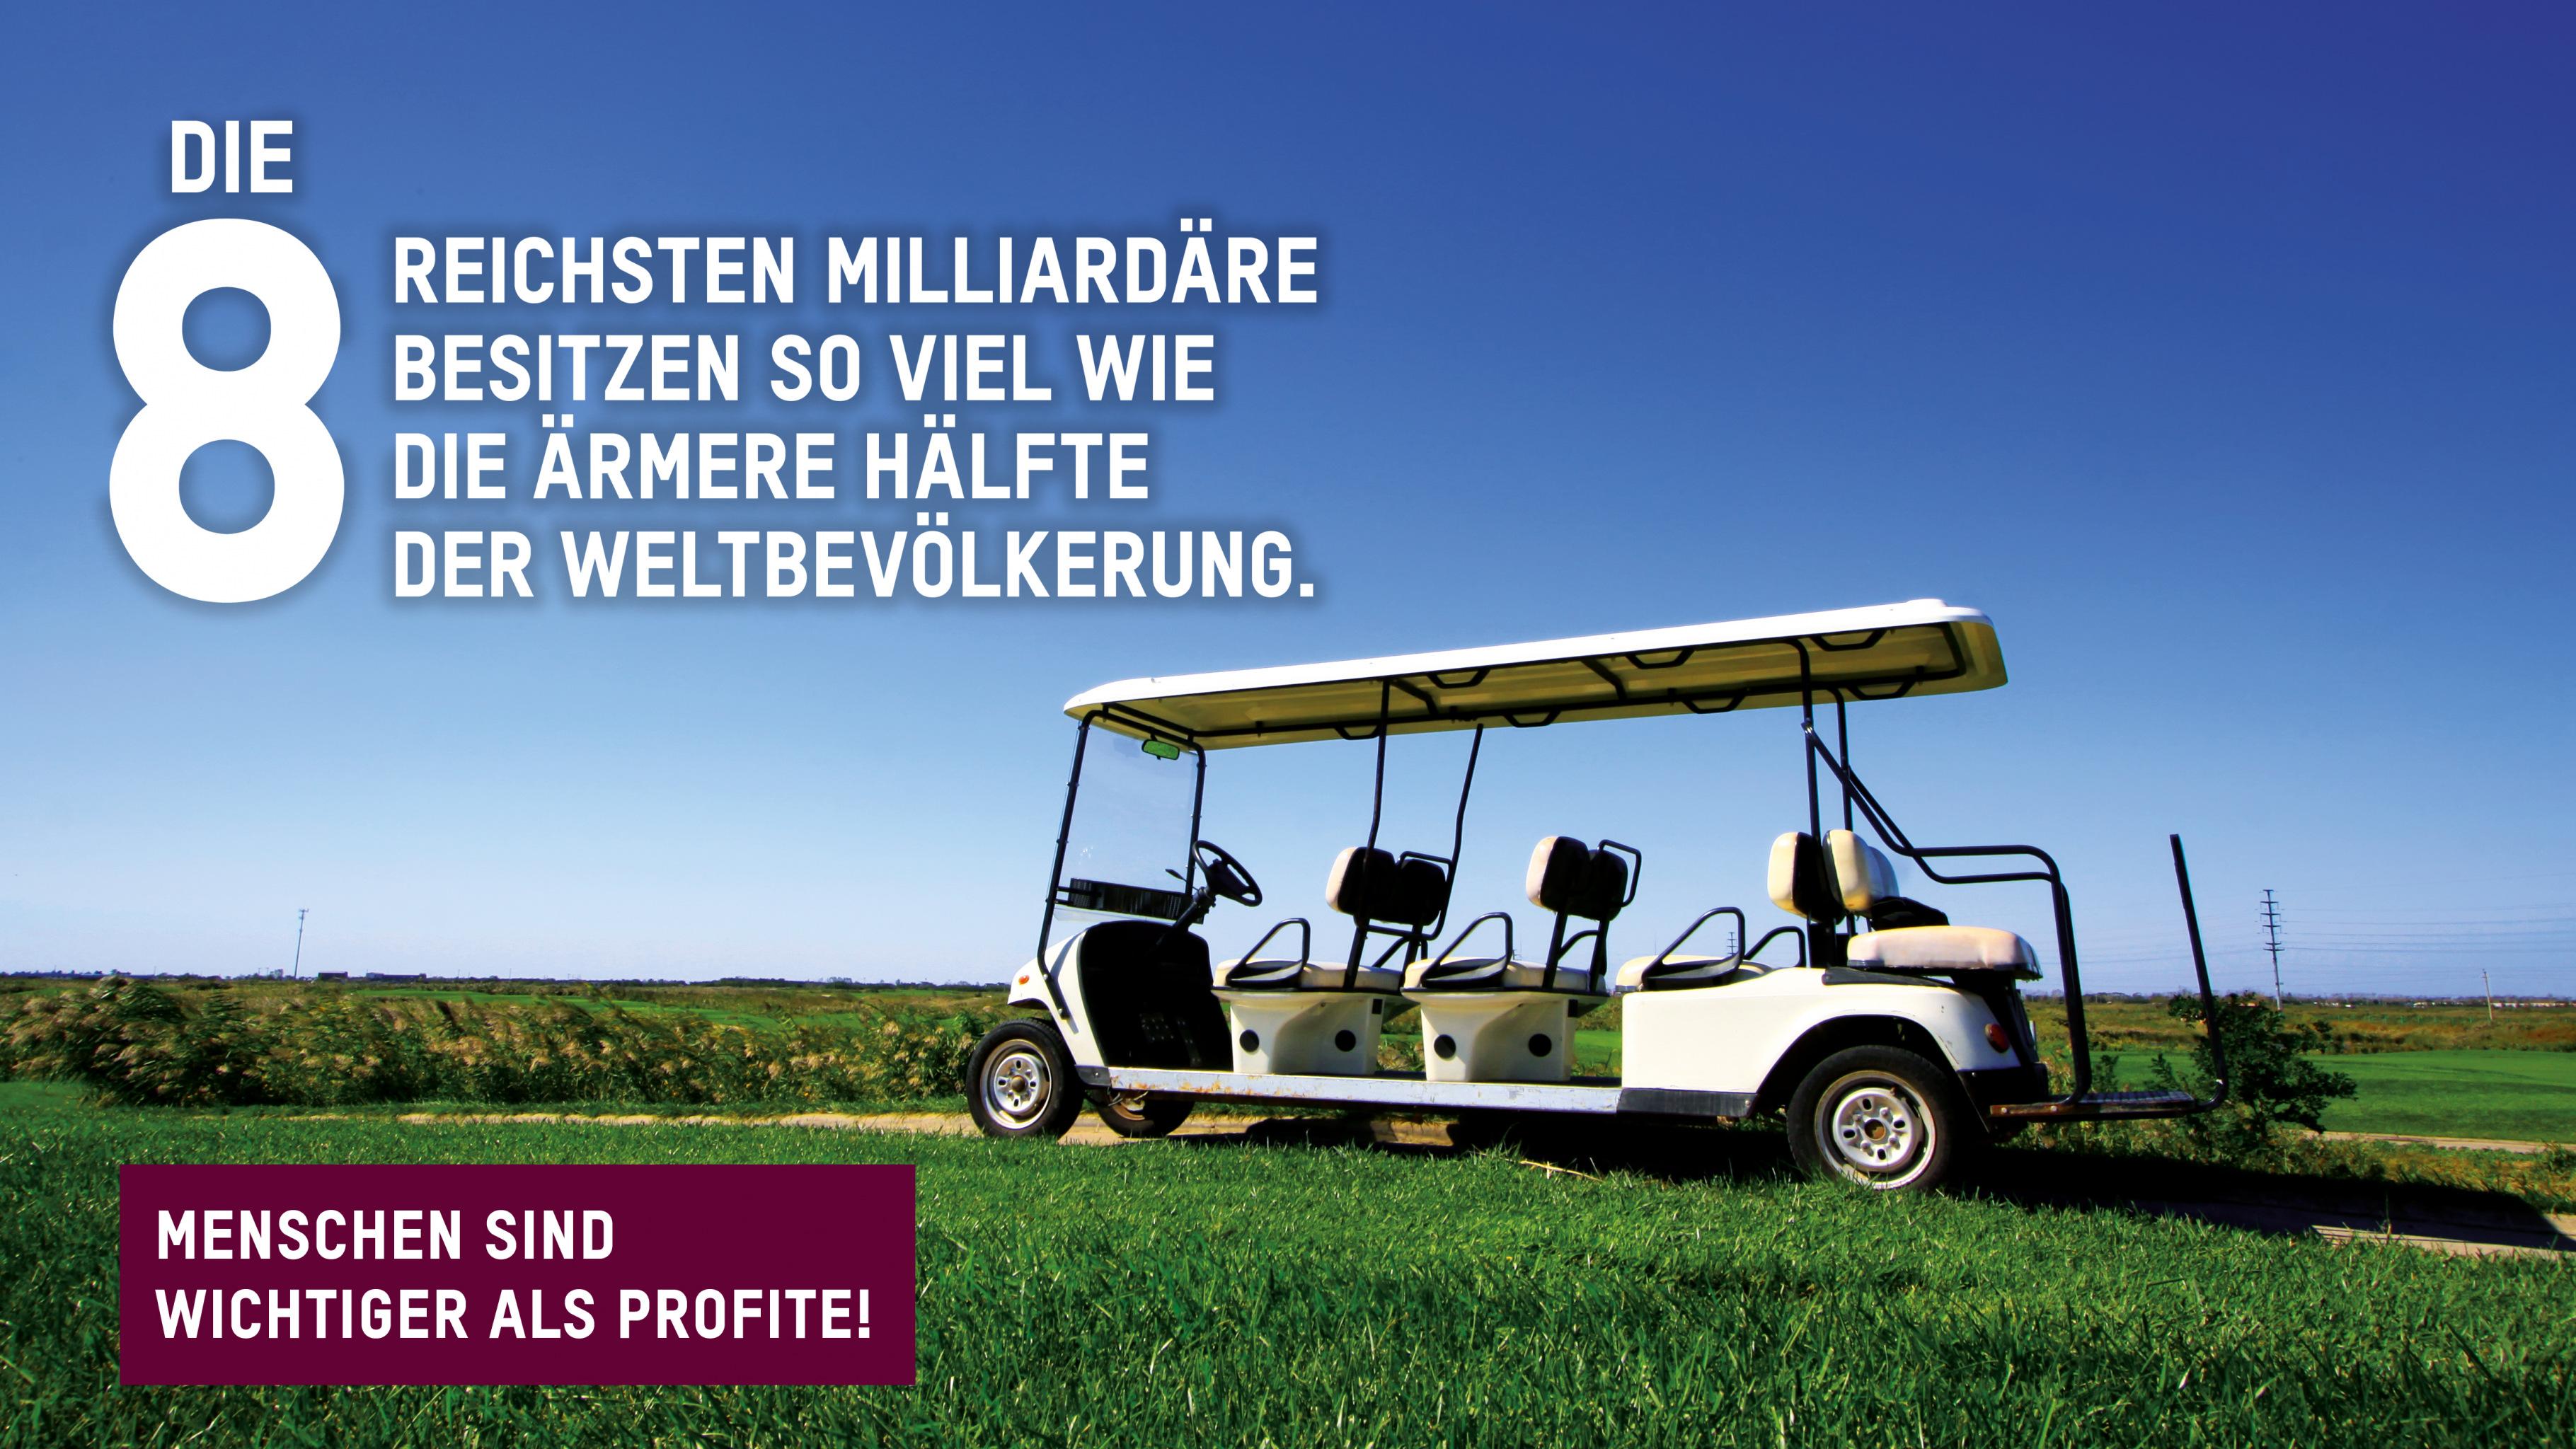 Die 8 reichsten Milliardäre besitzen so viel wie die ärmere Hälfte der Weltbevölkerung. Menschen sind wichtiger als Profite!